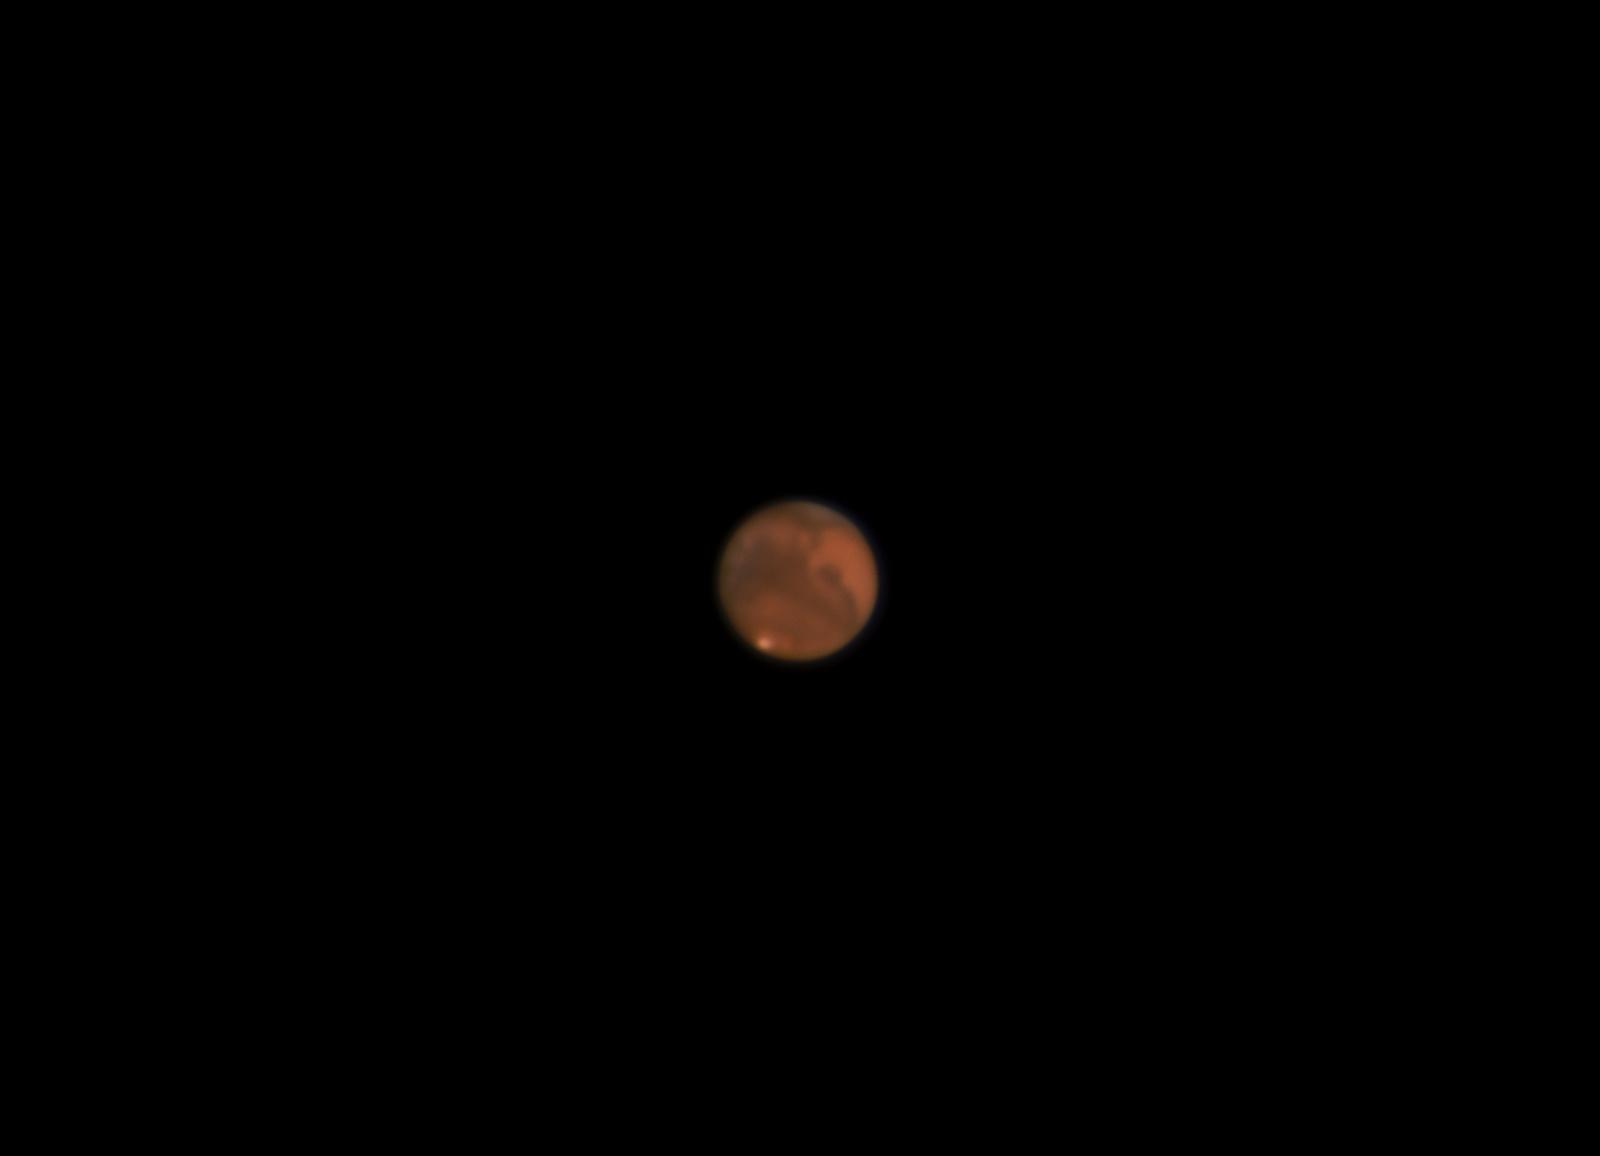 Mars_2020-10-24_1.jpg